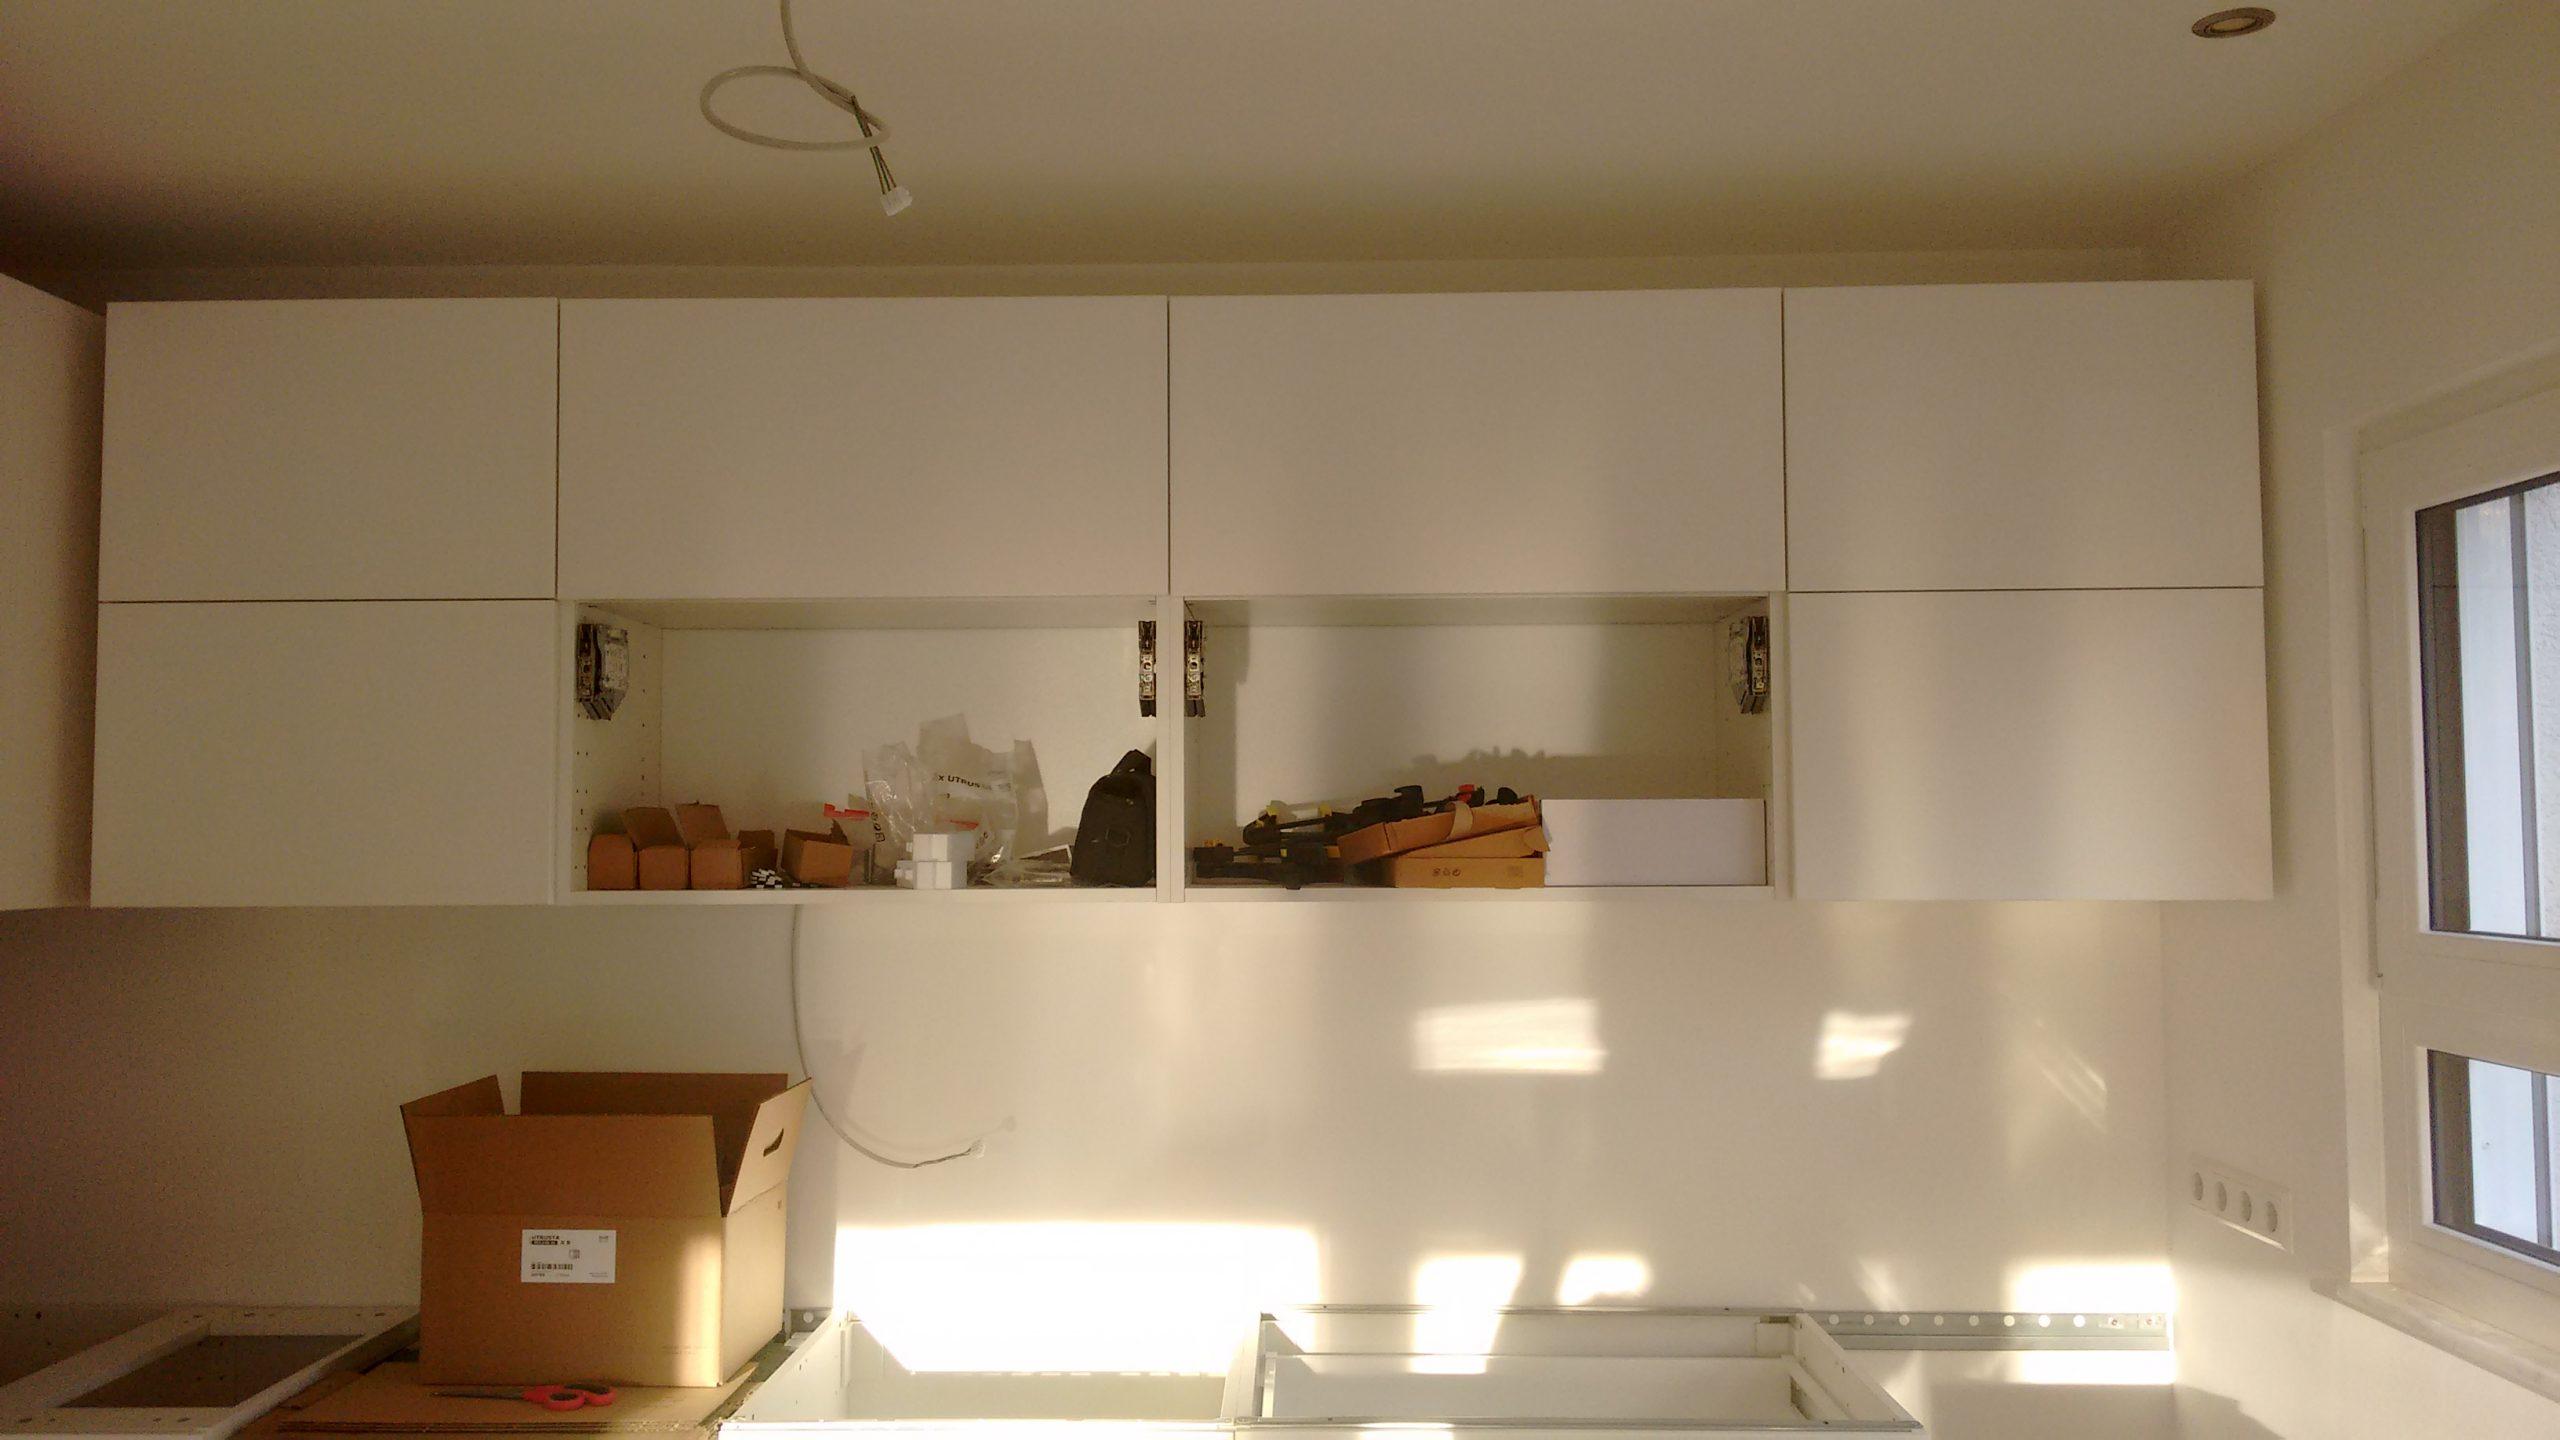 Full Size of Hängeschrank Ikea Metod Ein Erfahrungsbericht Projekt Wohnzimmer Bad Weiß Küche Kosten Hochglanz Glastüren Höhe Betten 160x200 Bei Wohnzimmer Hängeschrank Ikea